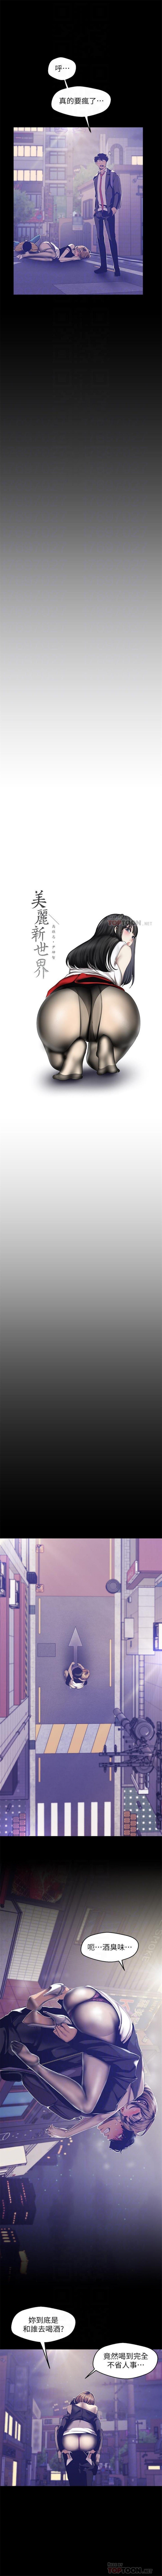 美麗新世界 1-85 官方中文(連載中) 710